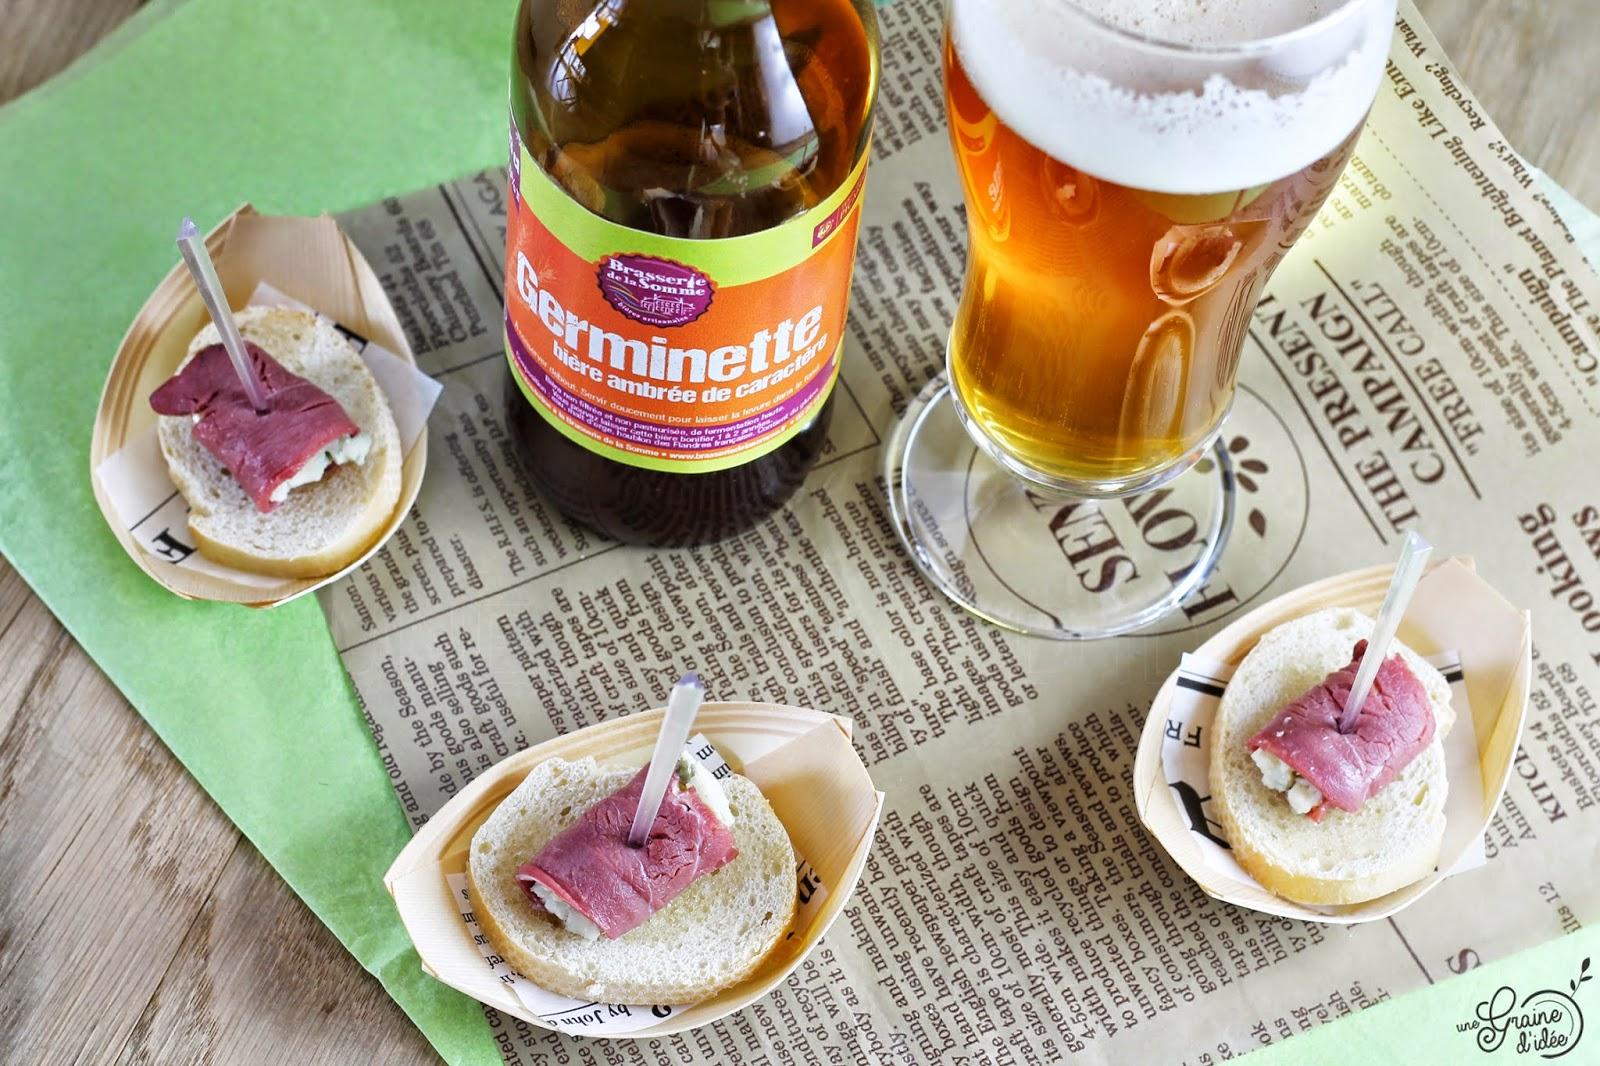 Croûtons au Miel et Roulé de Magret de Canard séché au Roquefort - Une Graine d'Idée